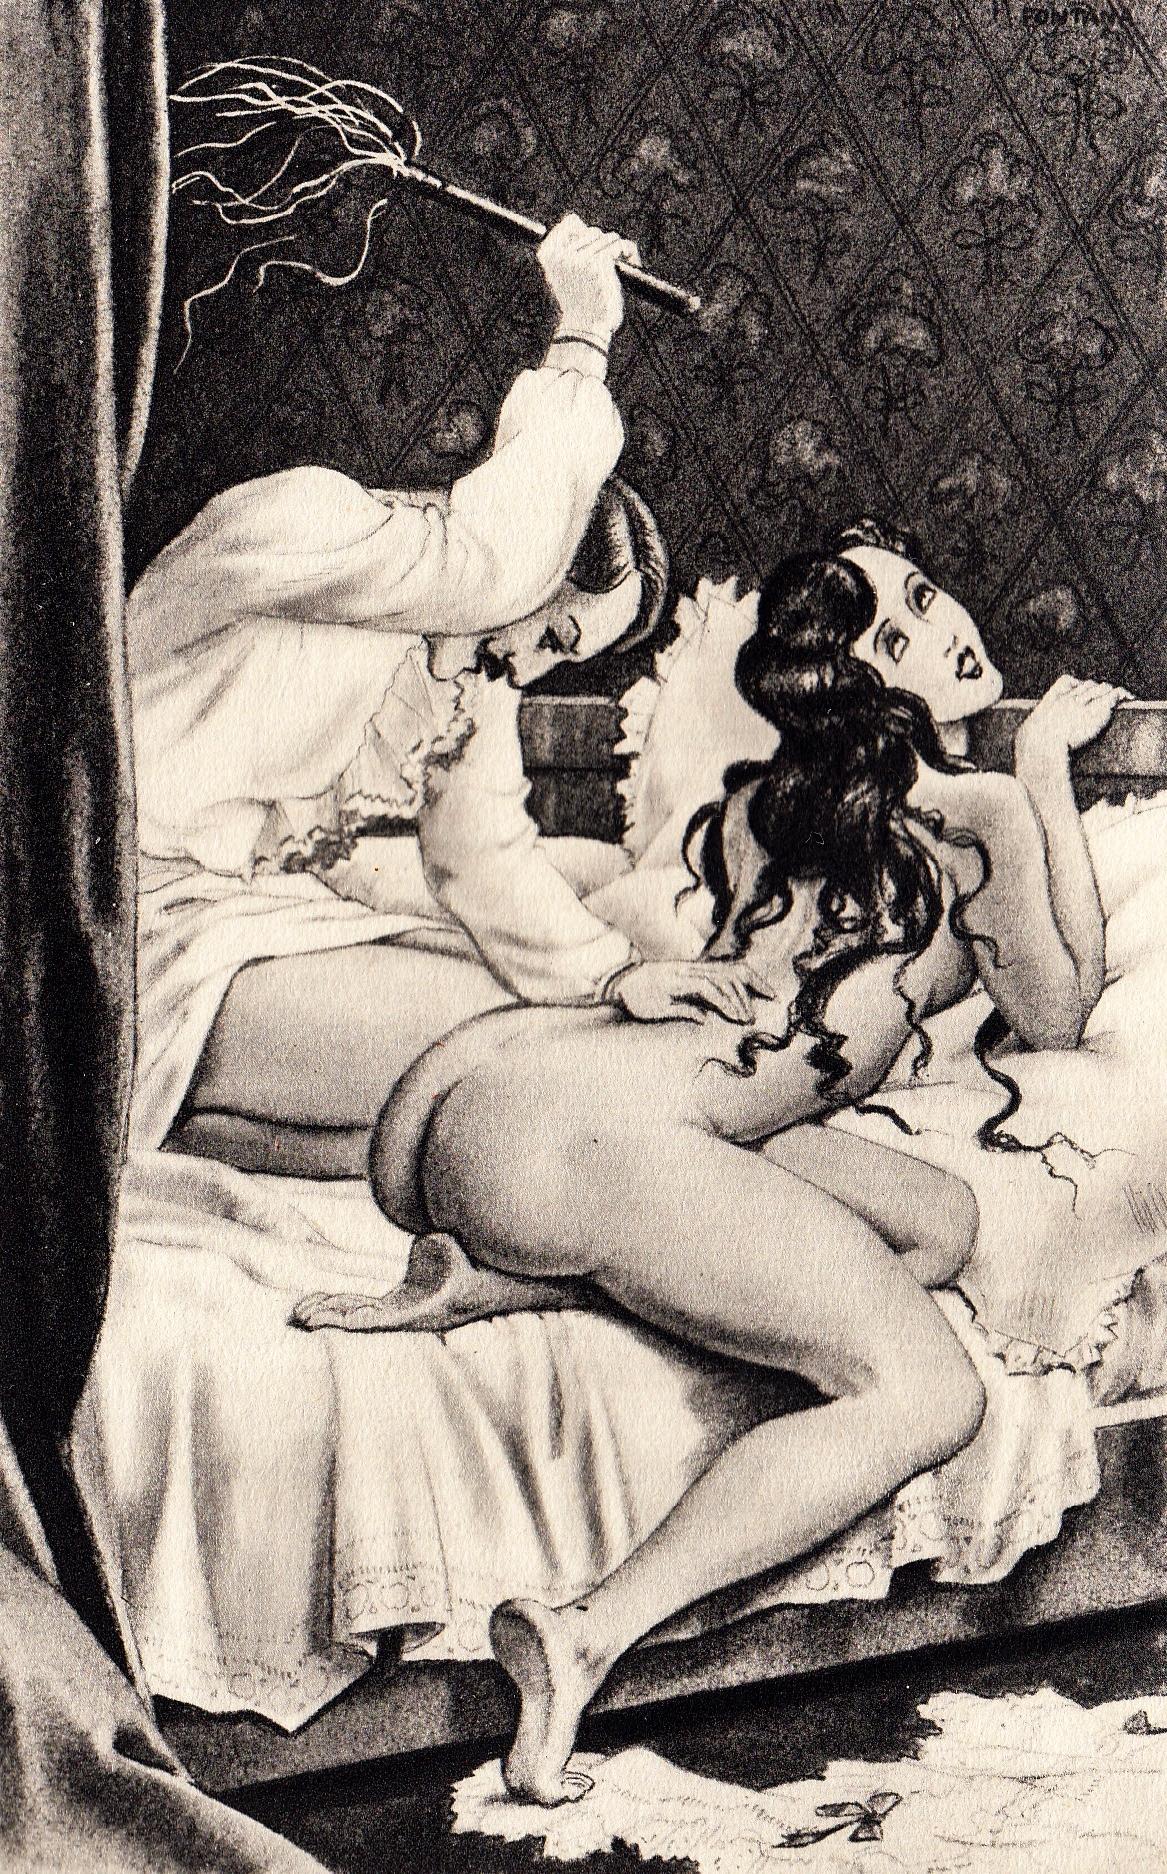 Bdsm Extrme Douleur Poteau De Flagellation - frbiguznet